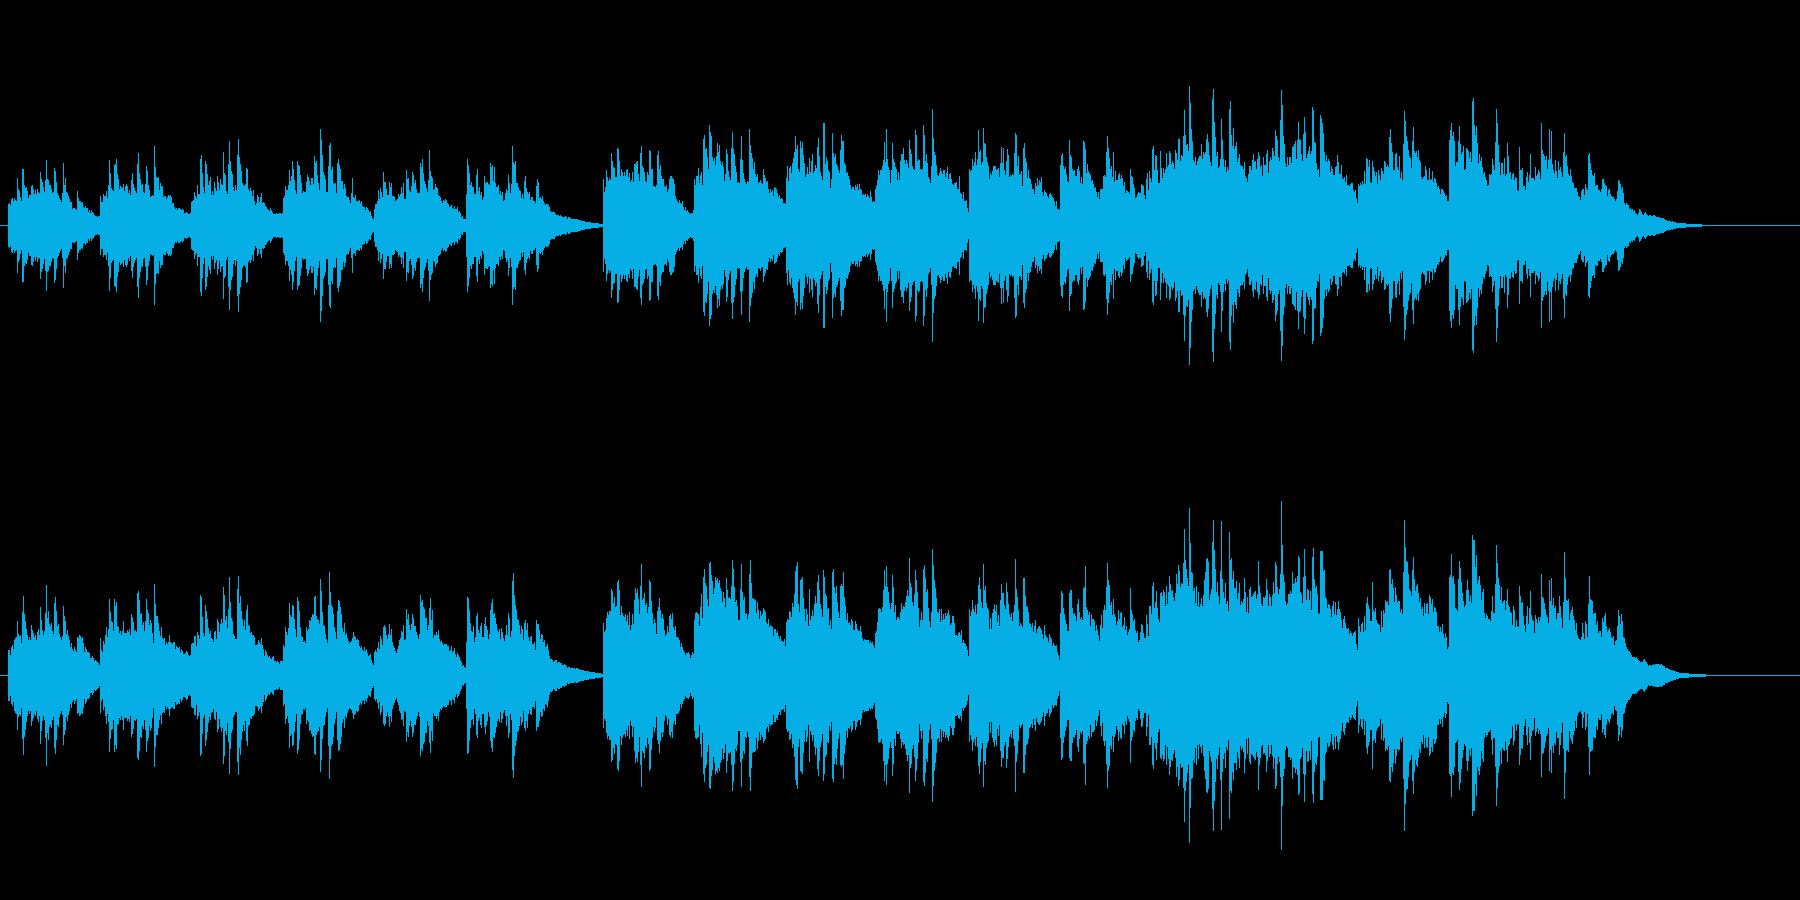 感動を語るピアノ・ソロ・ブライダル風の再生済みの波形